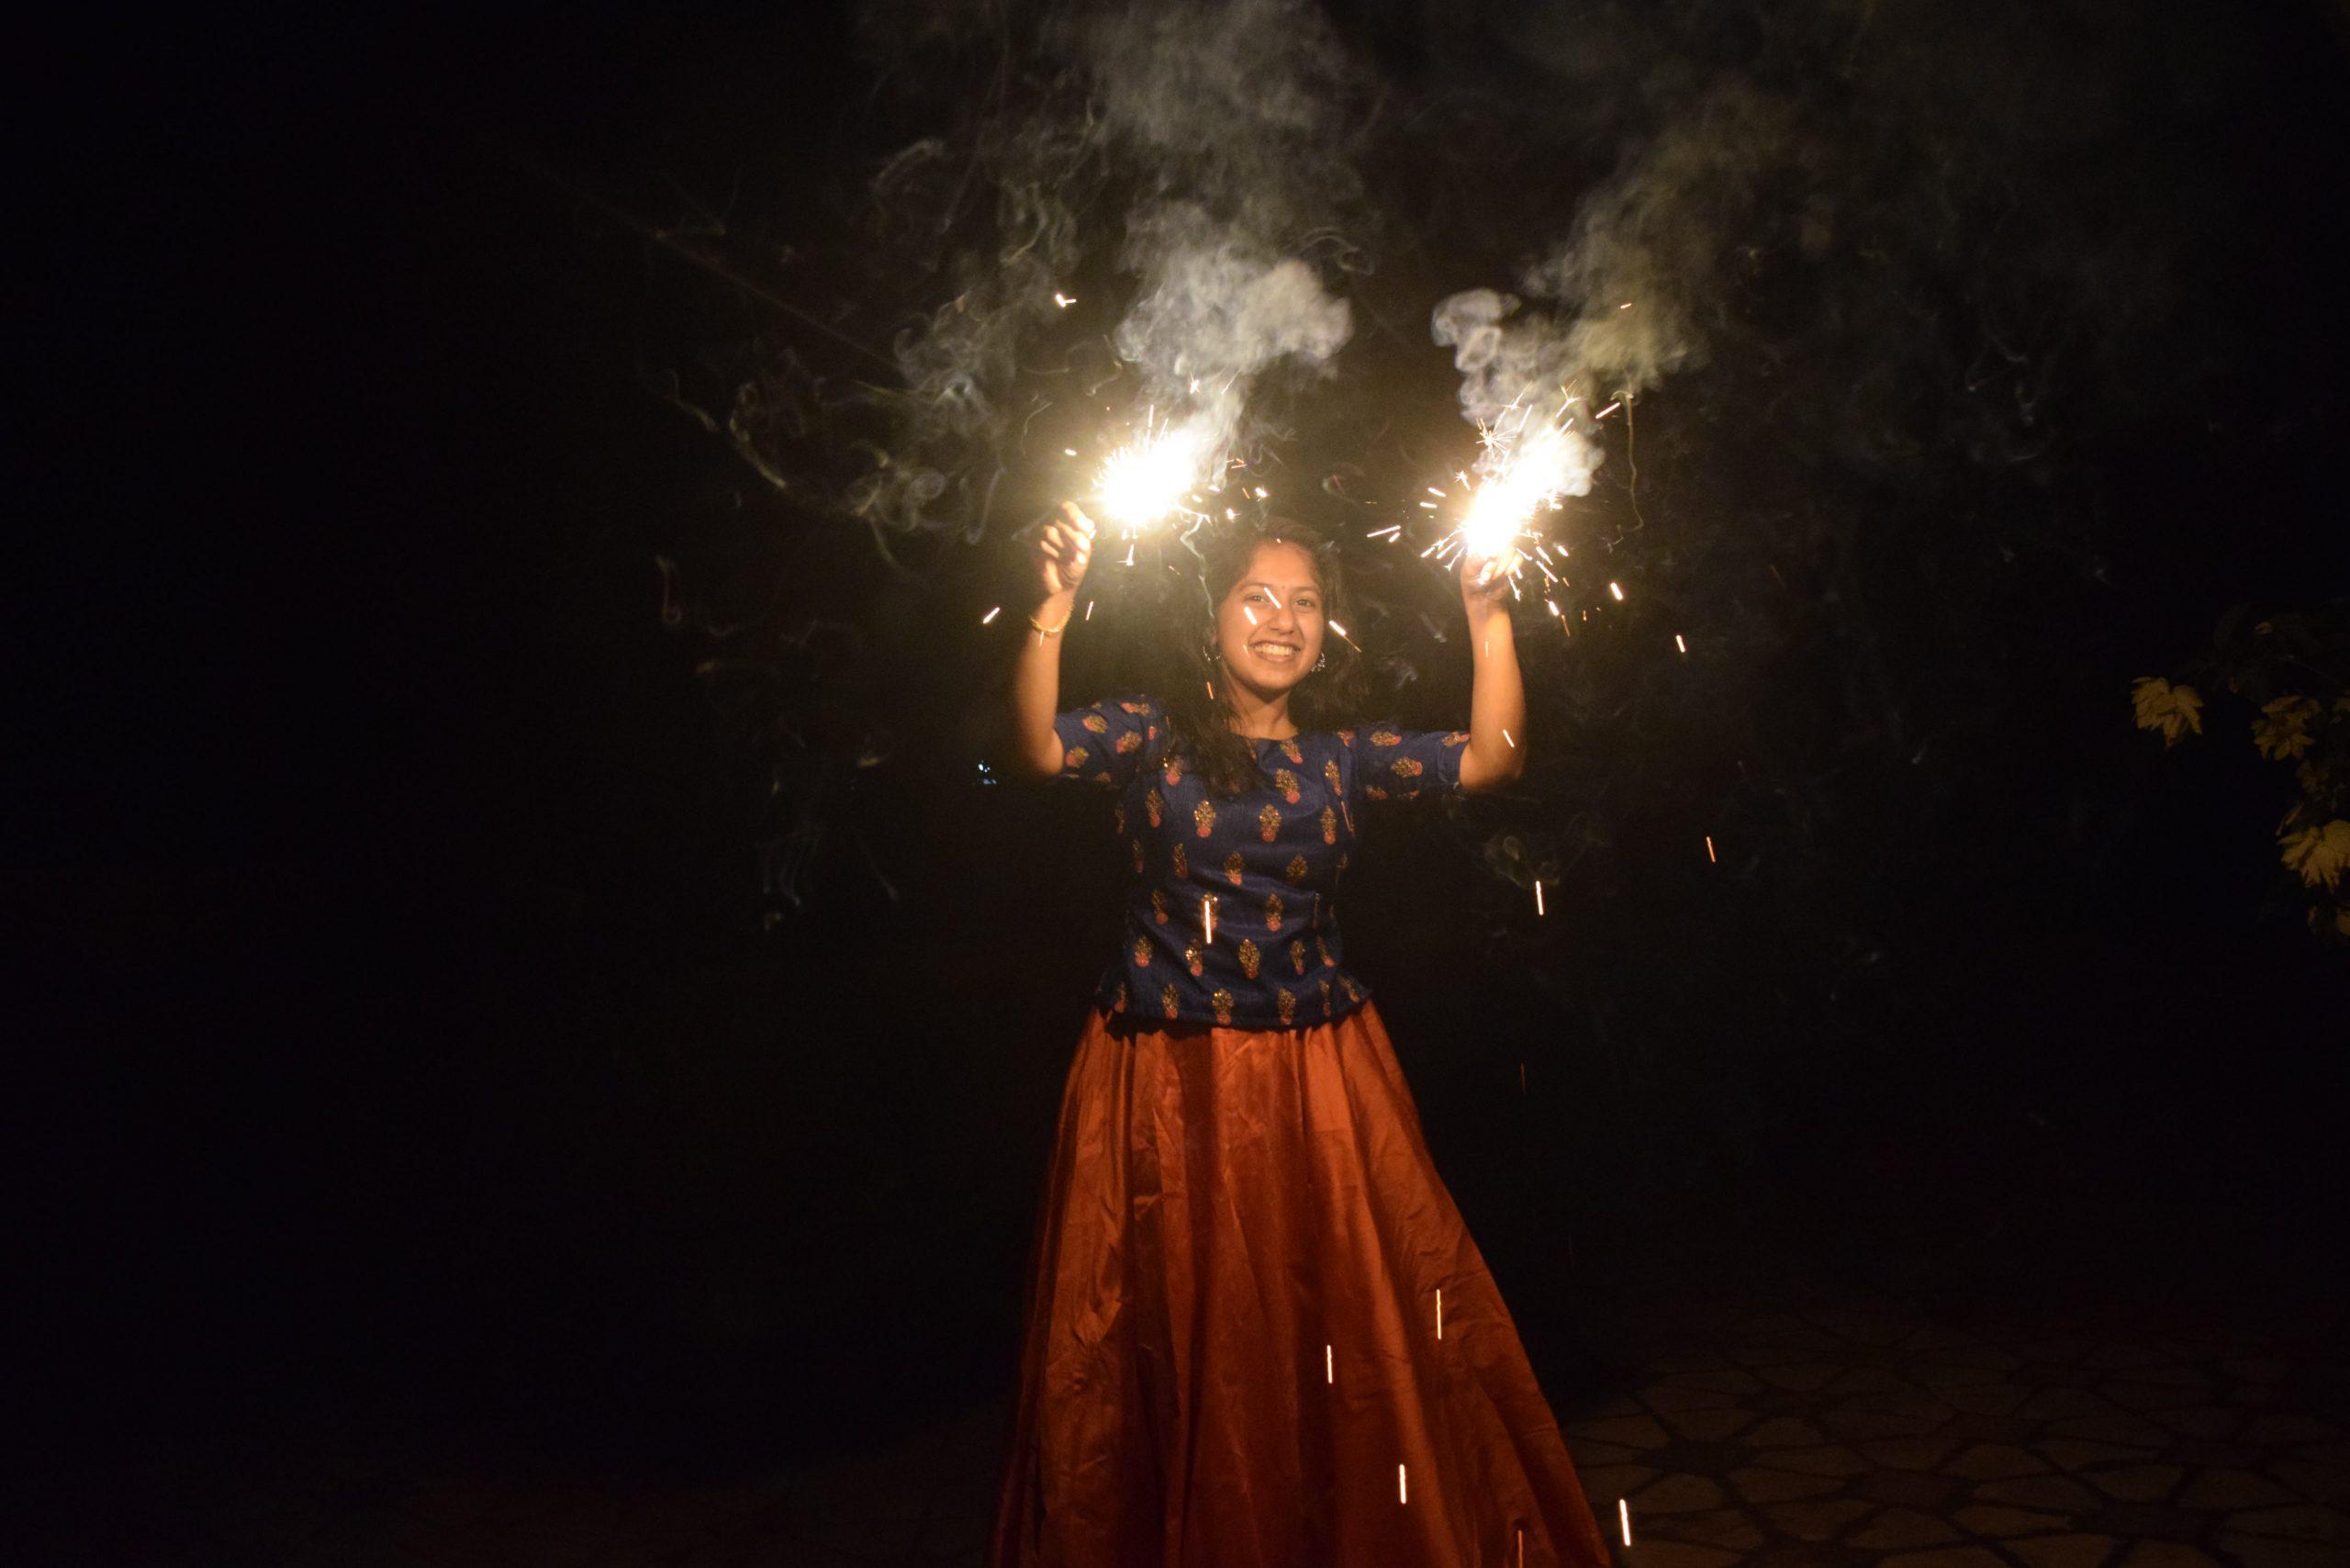 girl lighting fireworks